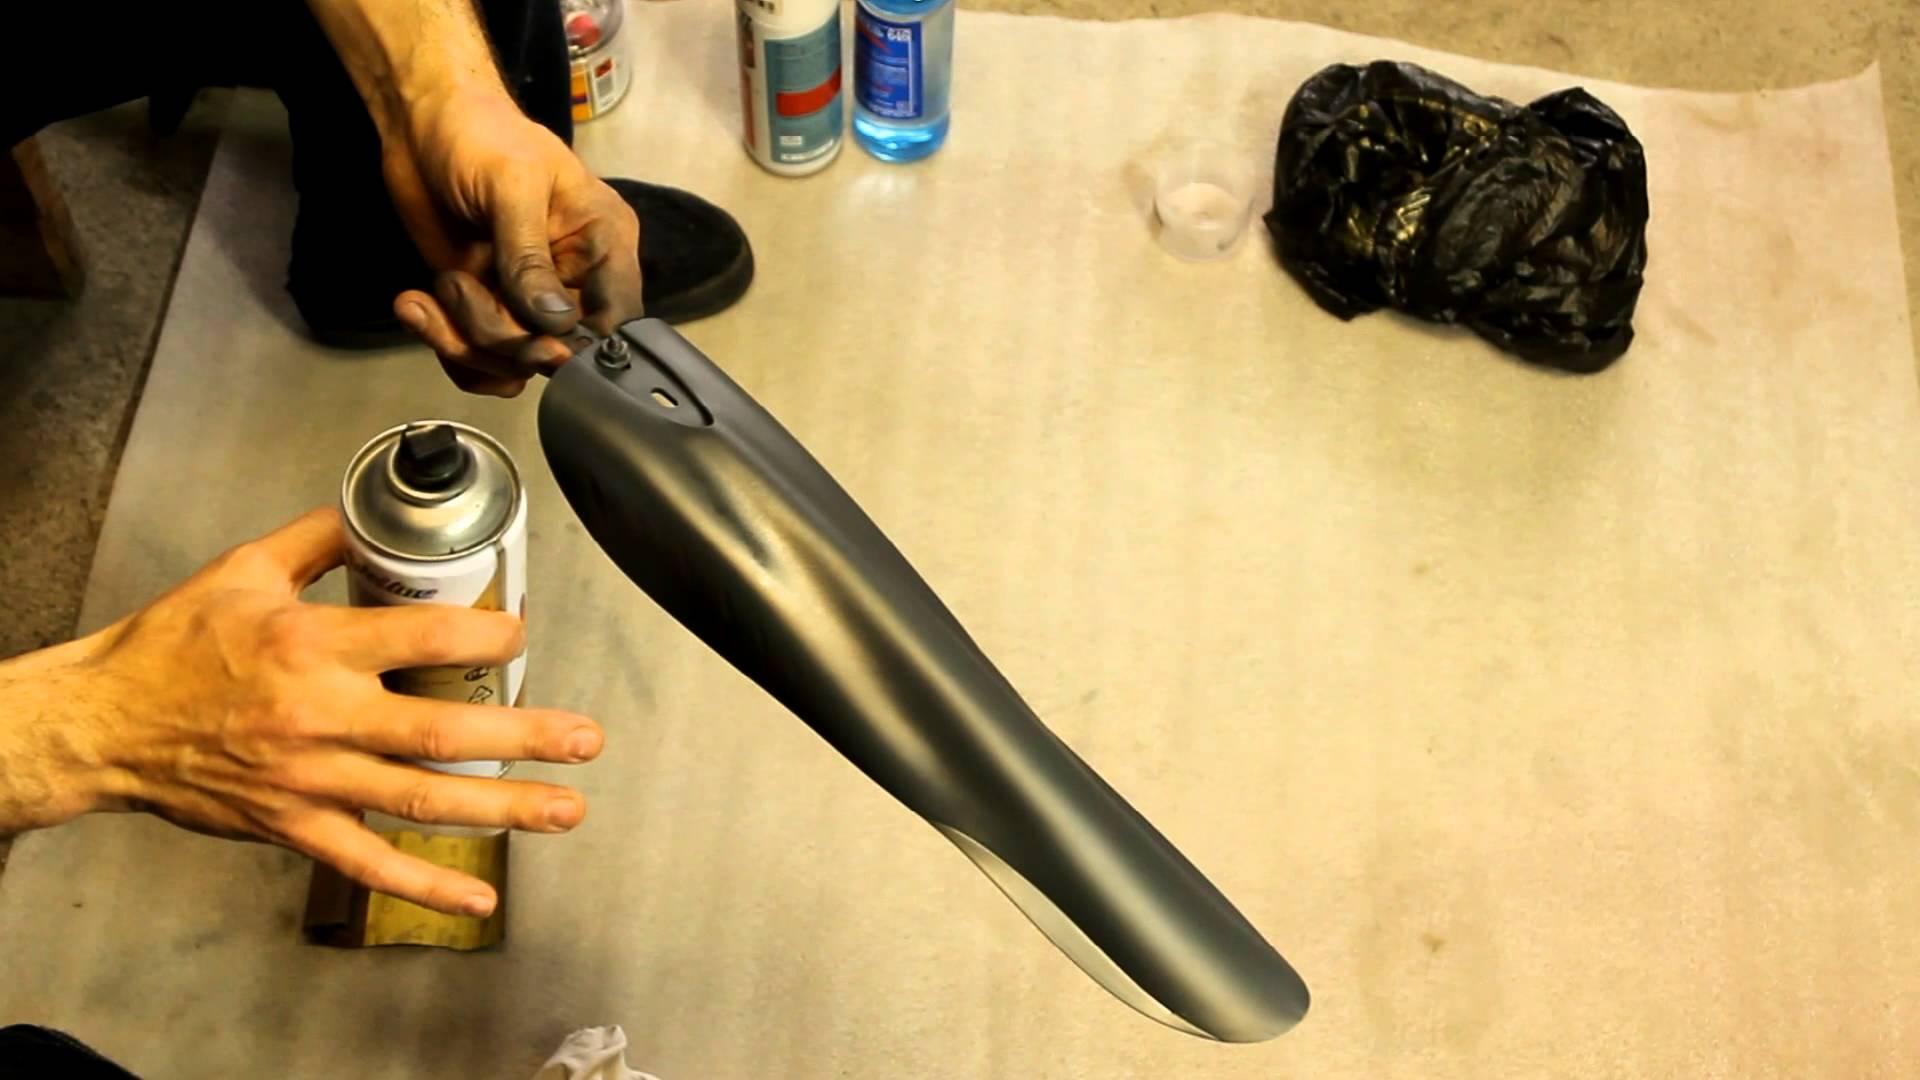 Краска-спрей для пластика: каких видов бывает и как применять